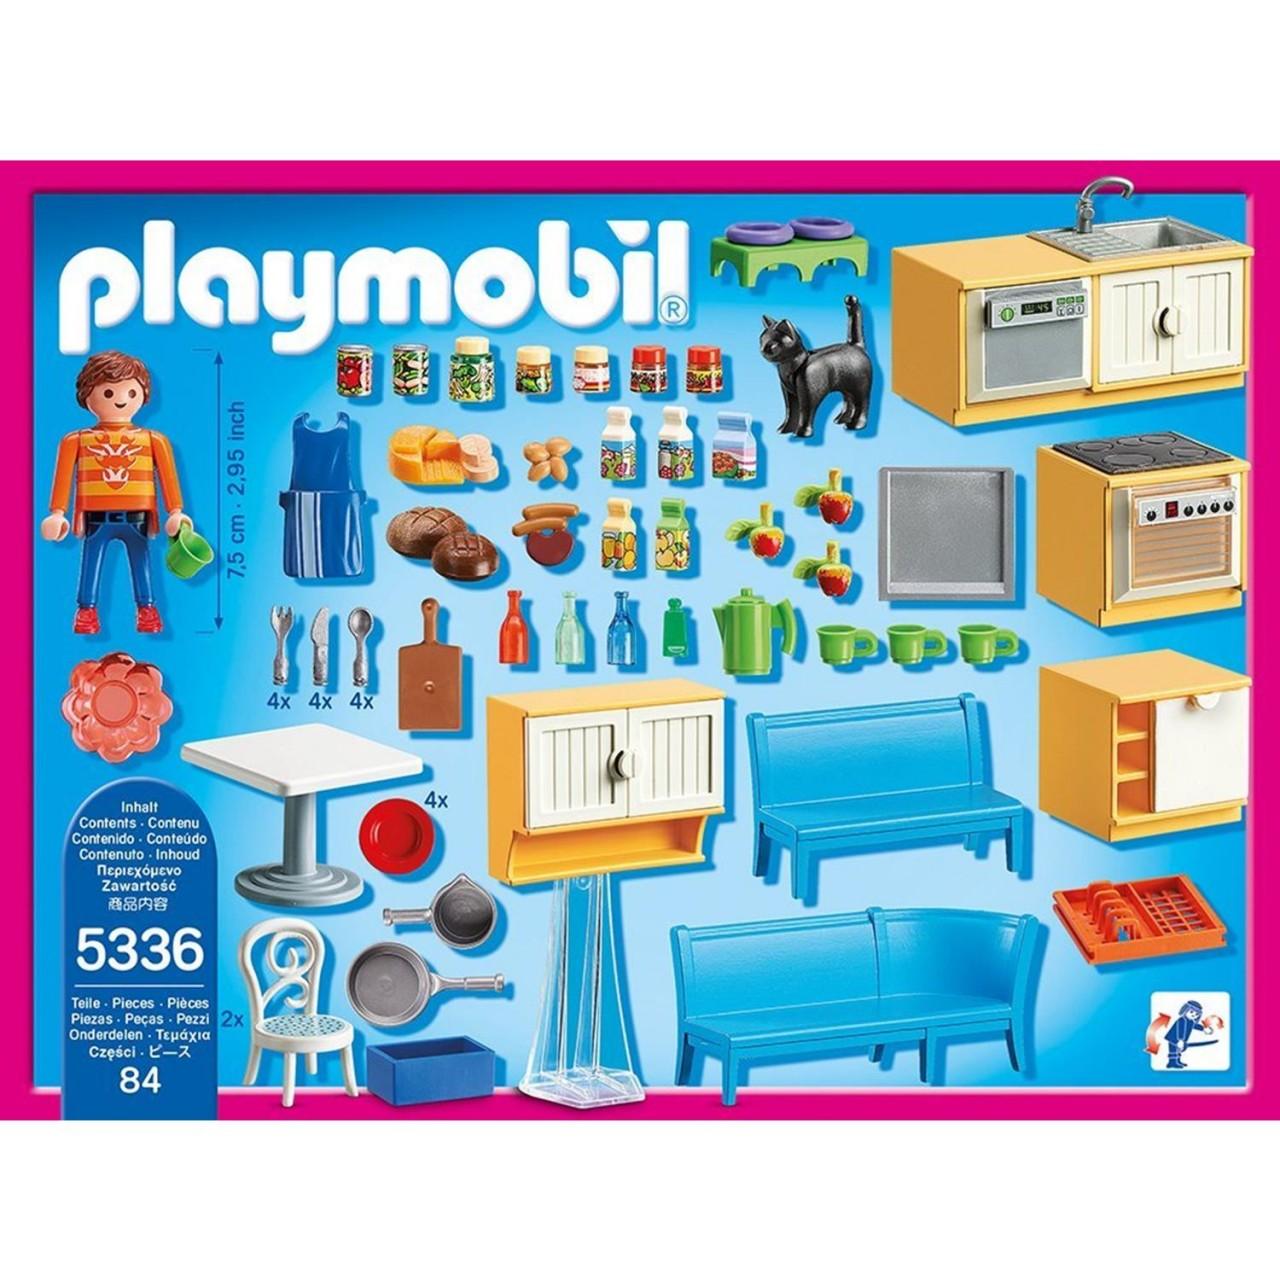 Playmobil 5336 Einbauküche mit Sitzecke